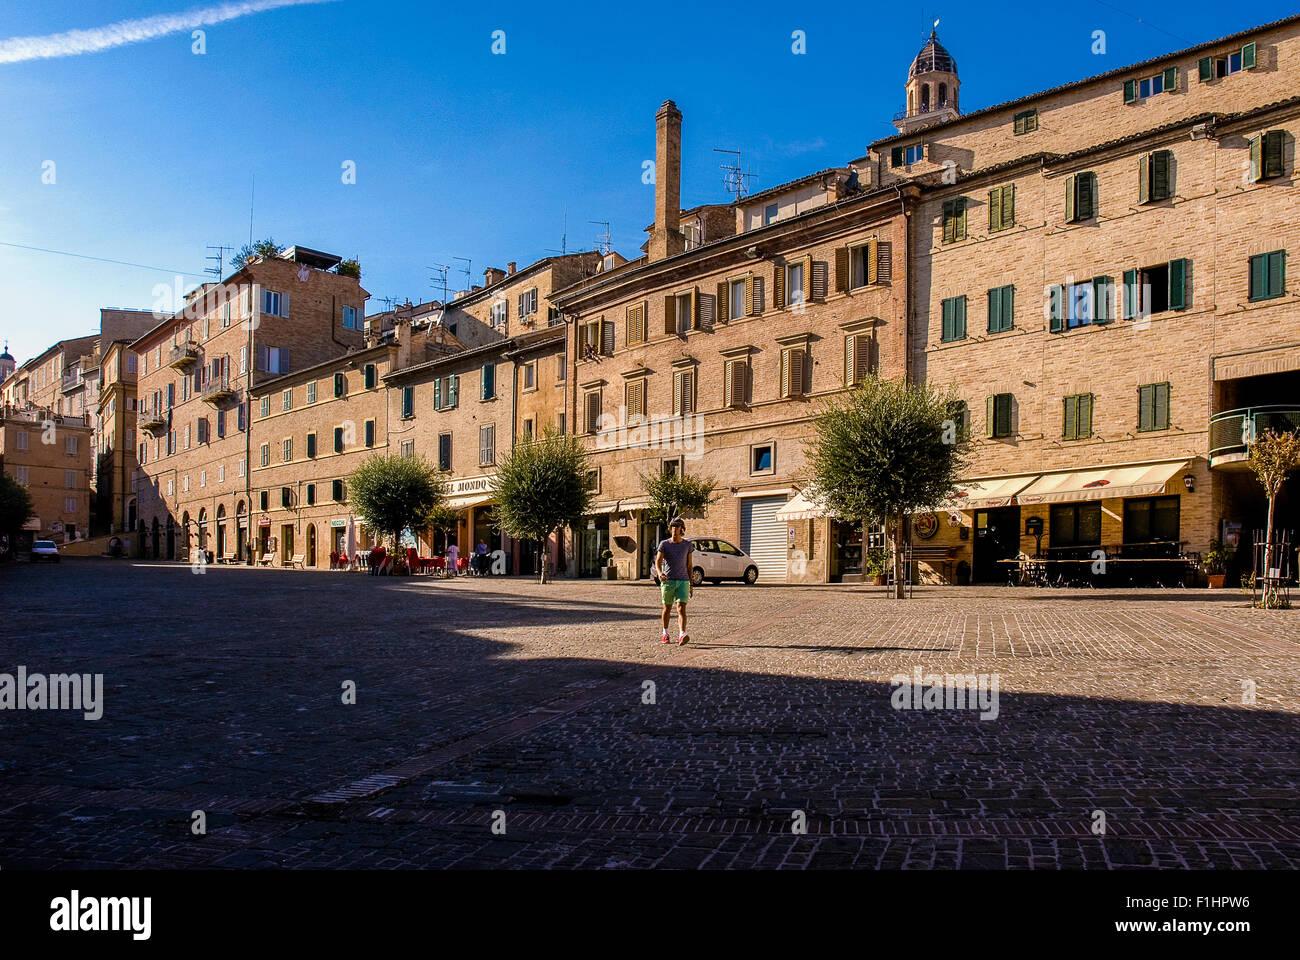 copagri marche macerata italy - photo#6